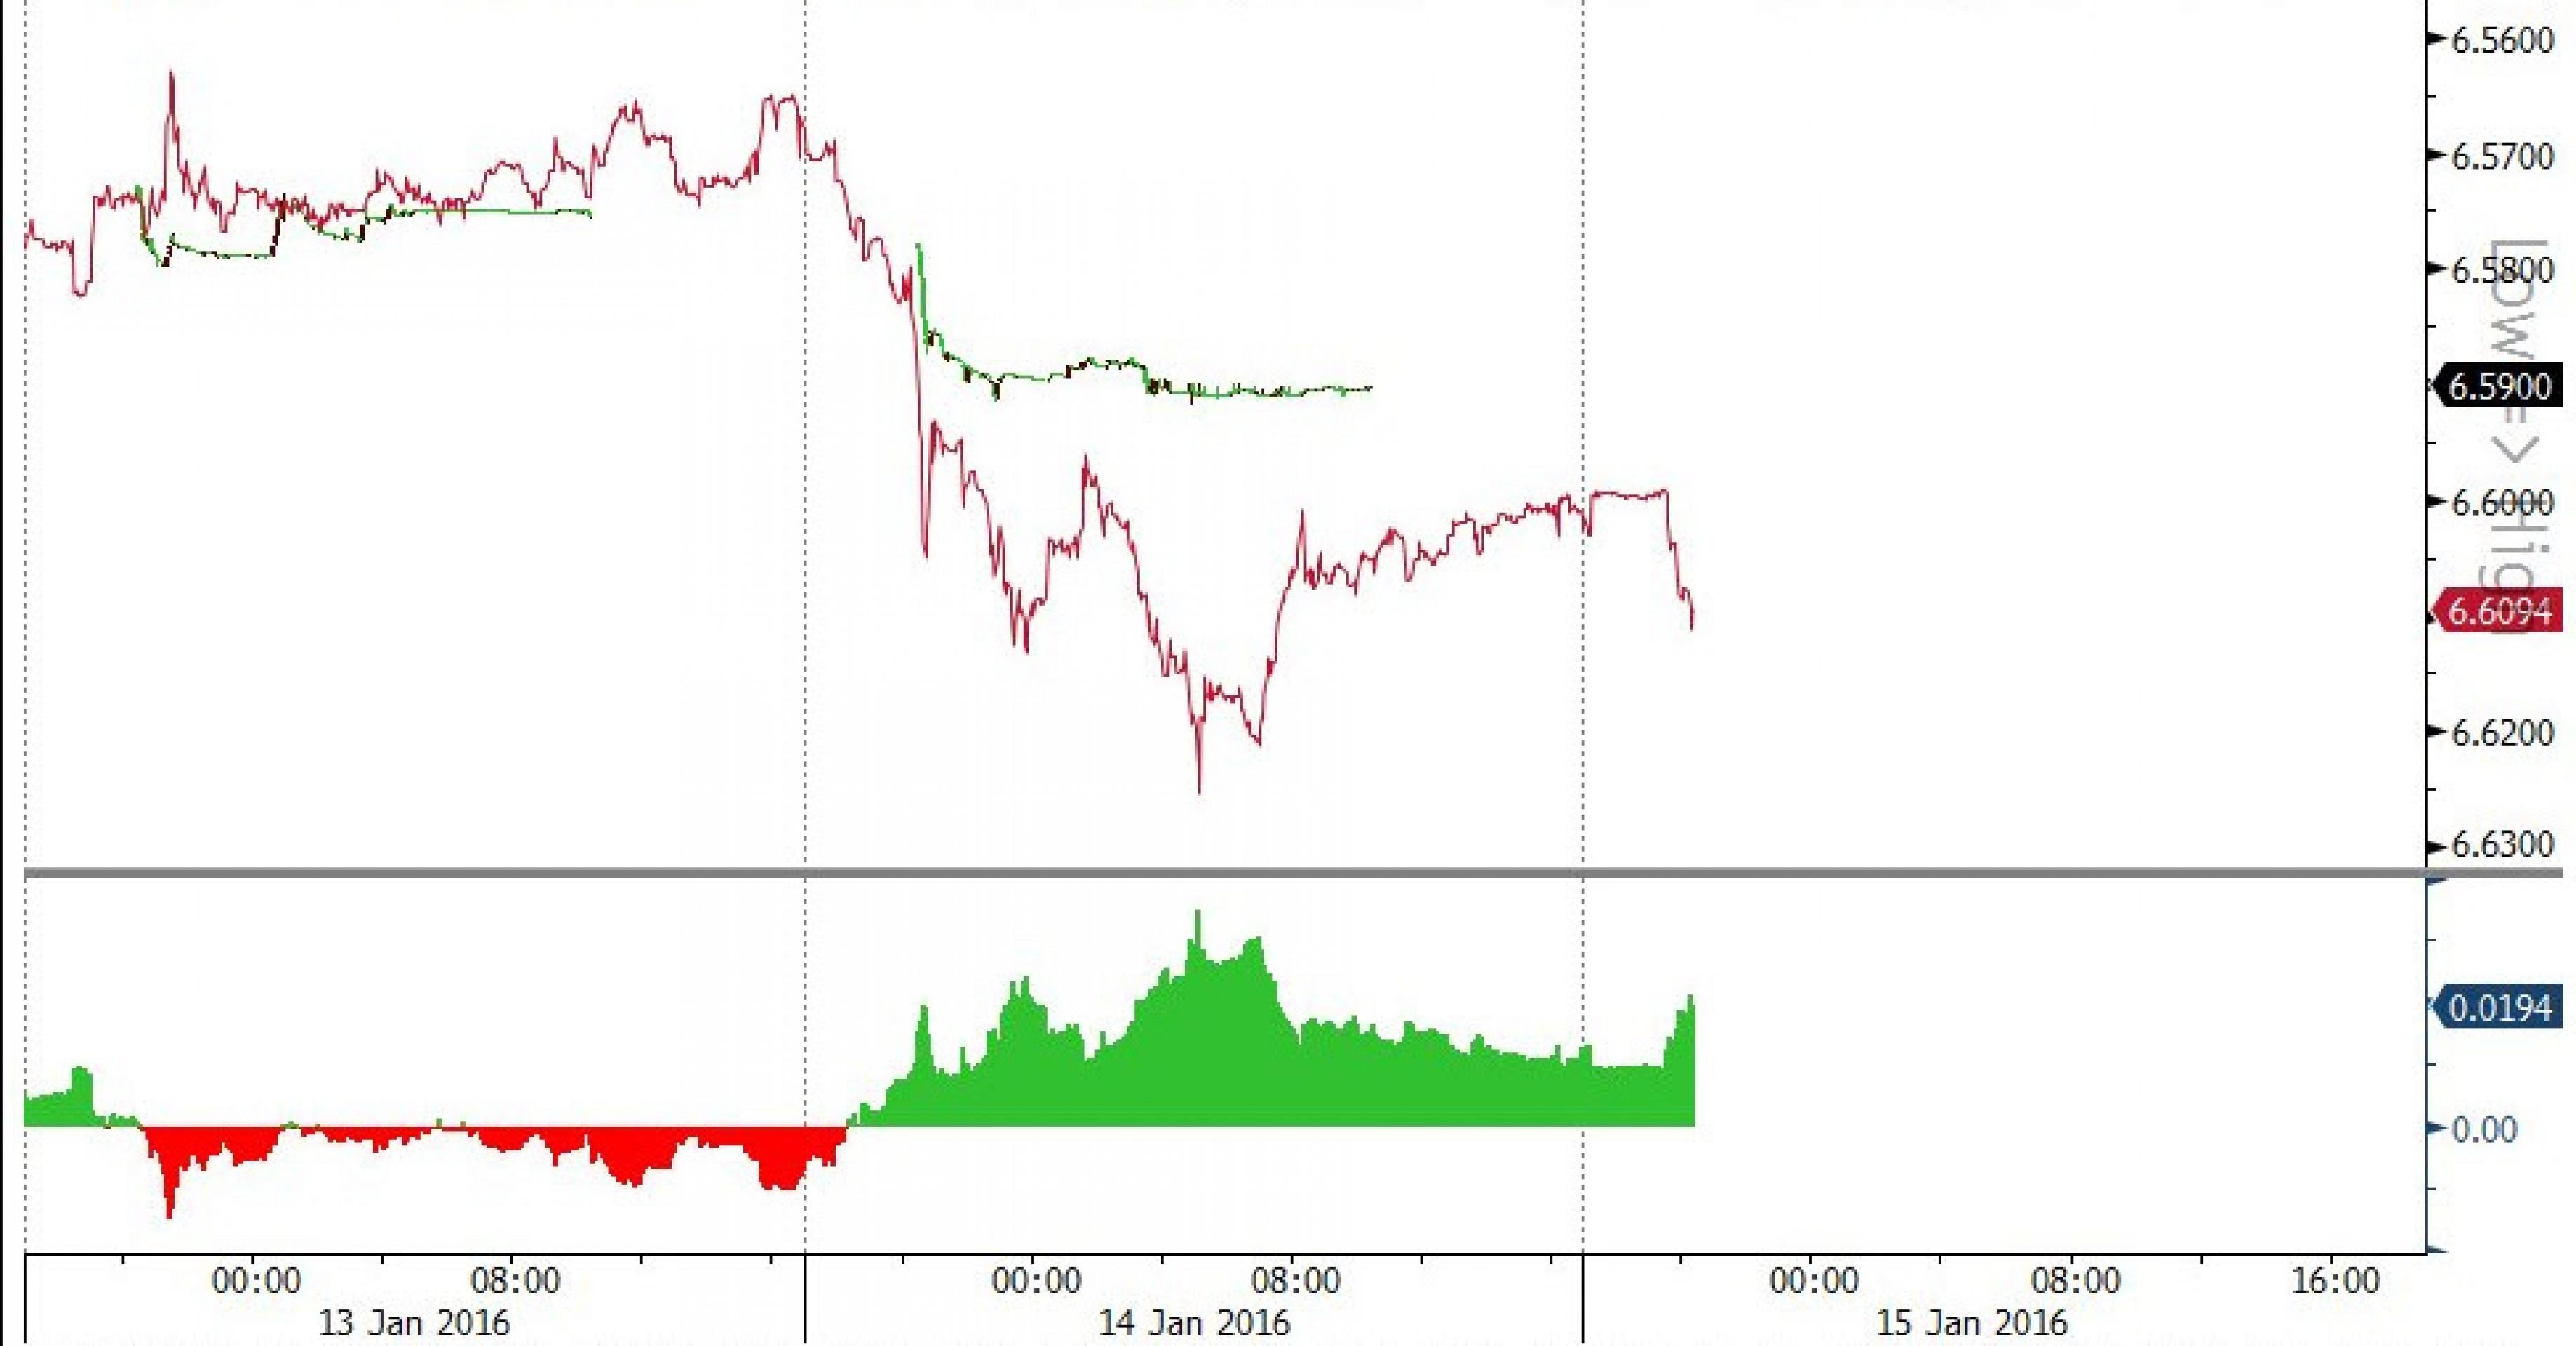 ЦБ Китая предупредил ФРС и взял паузу